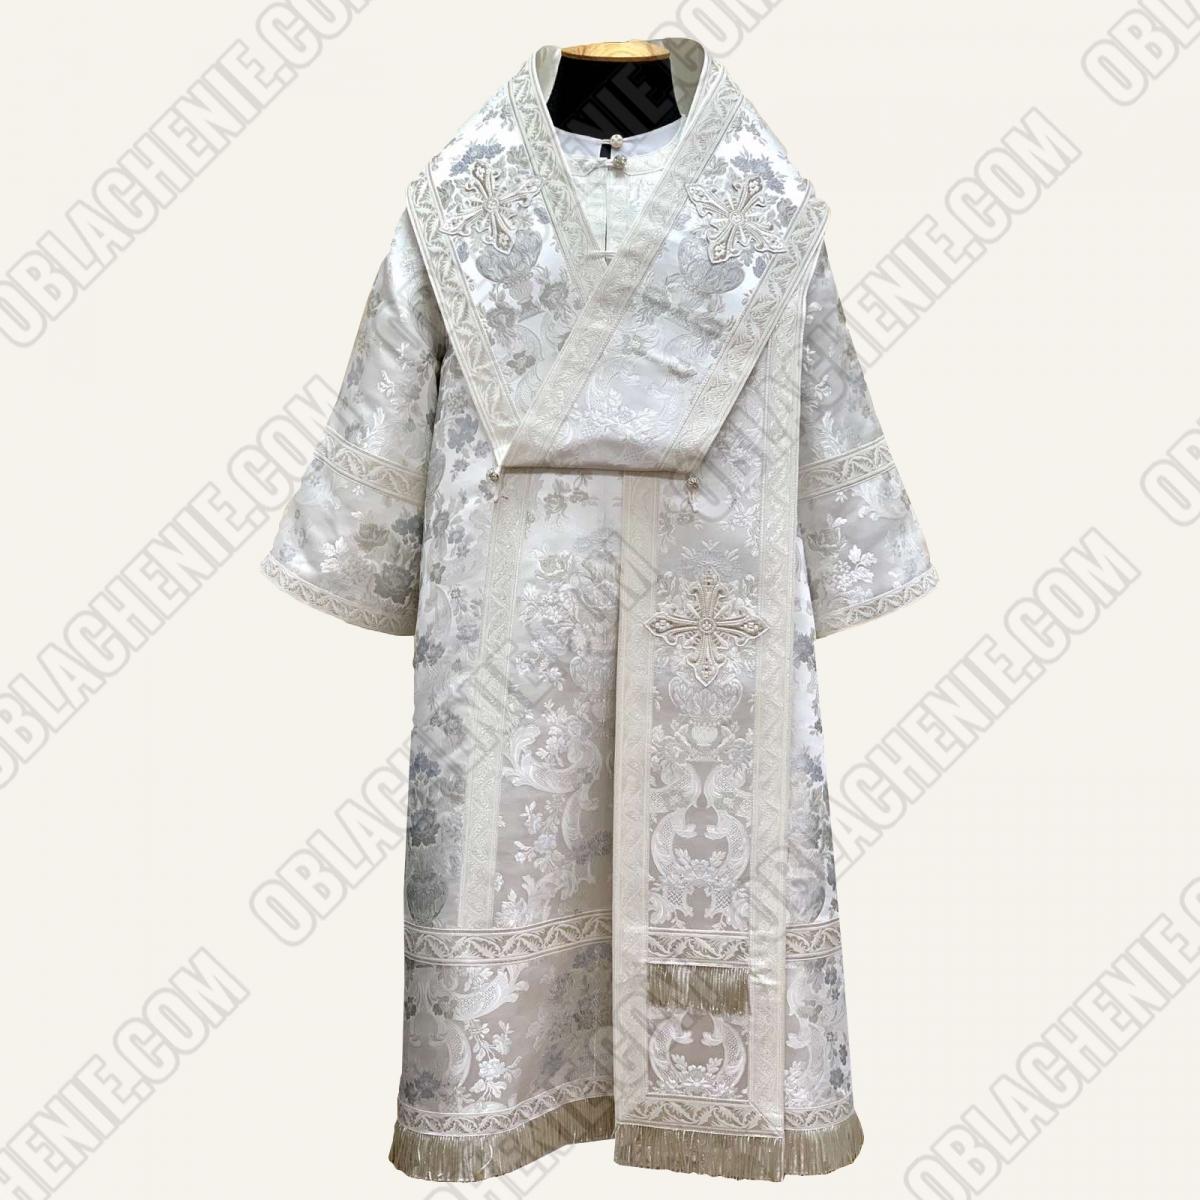 Bishop's vestments 11300